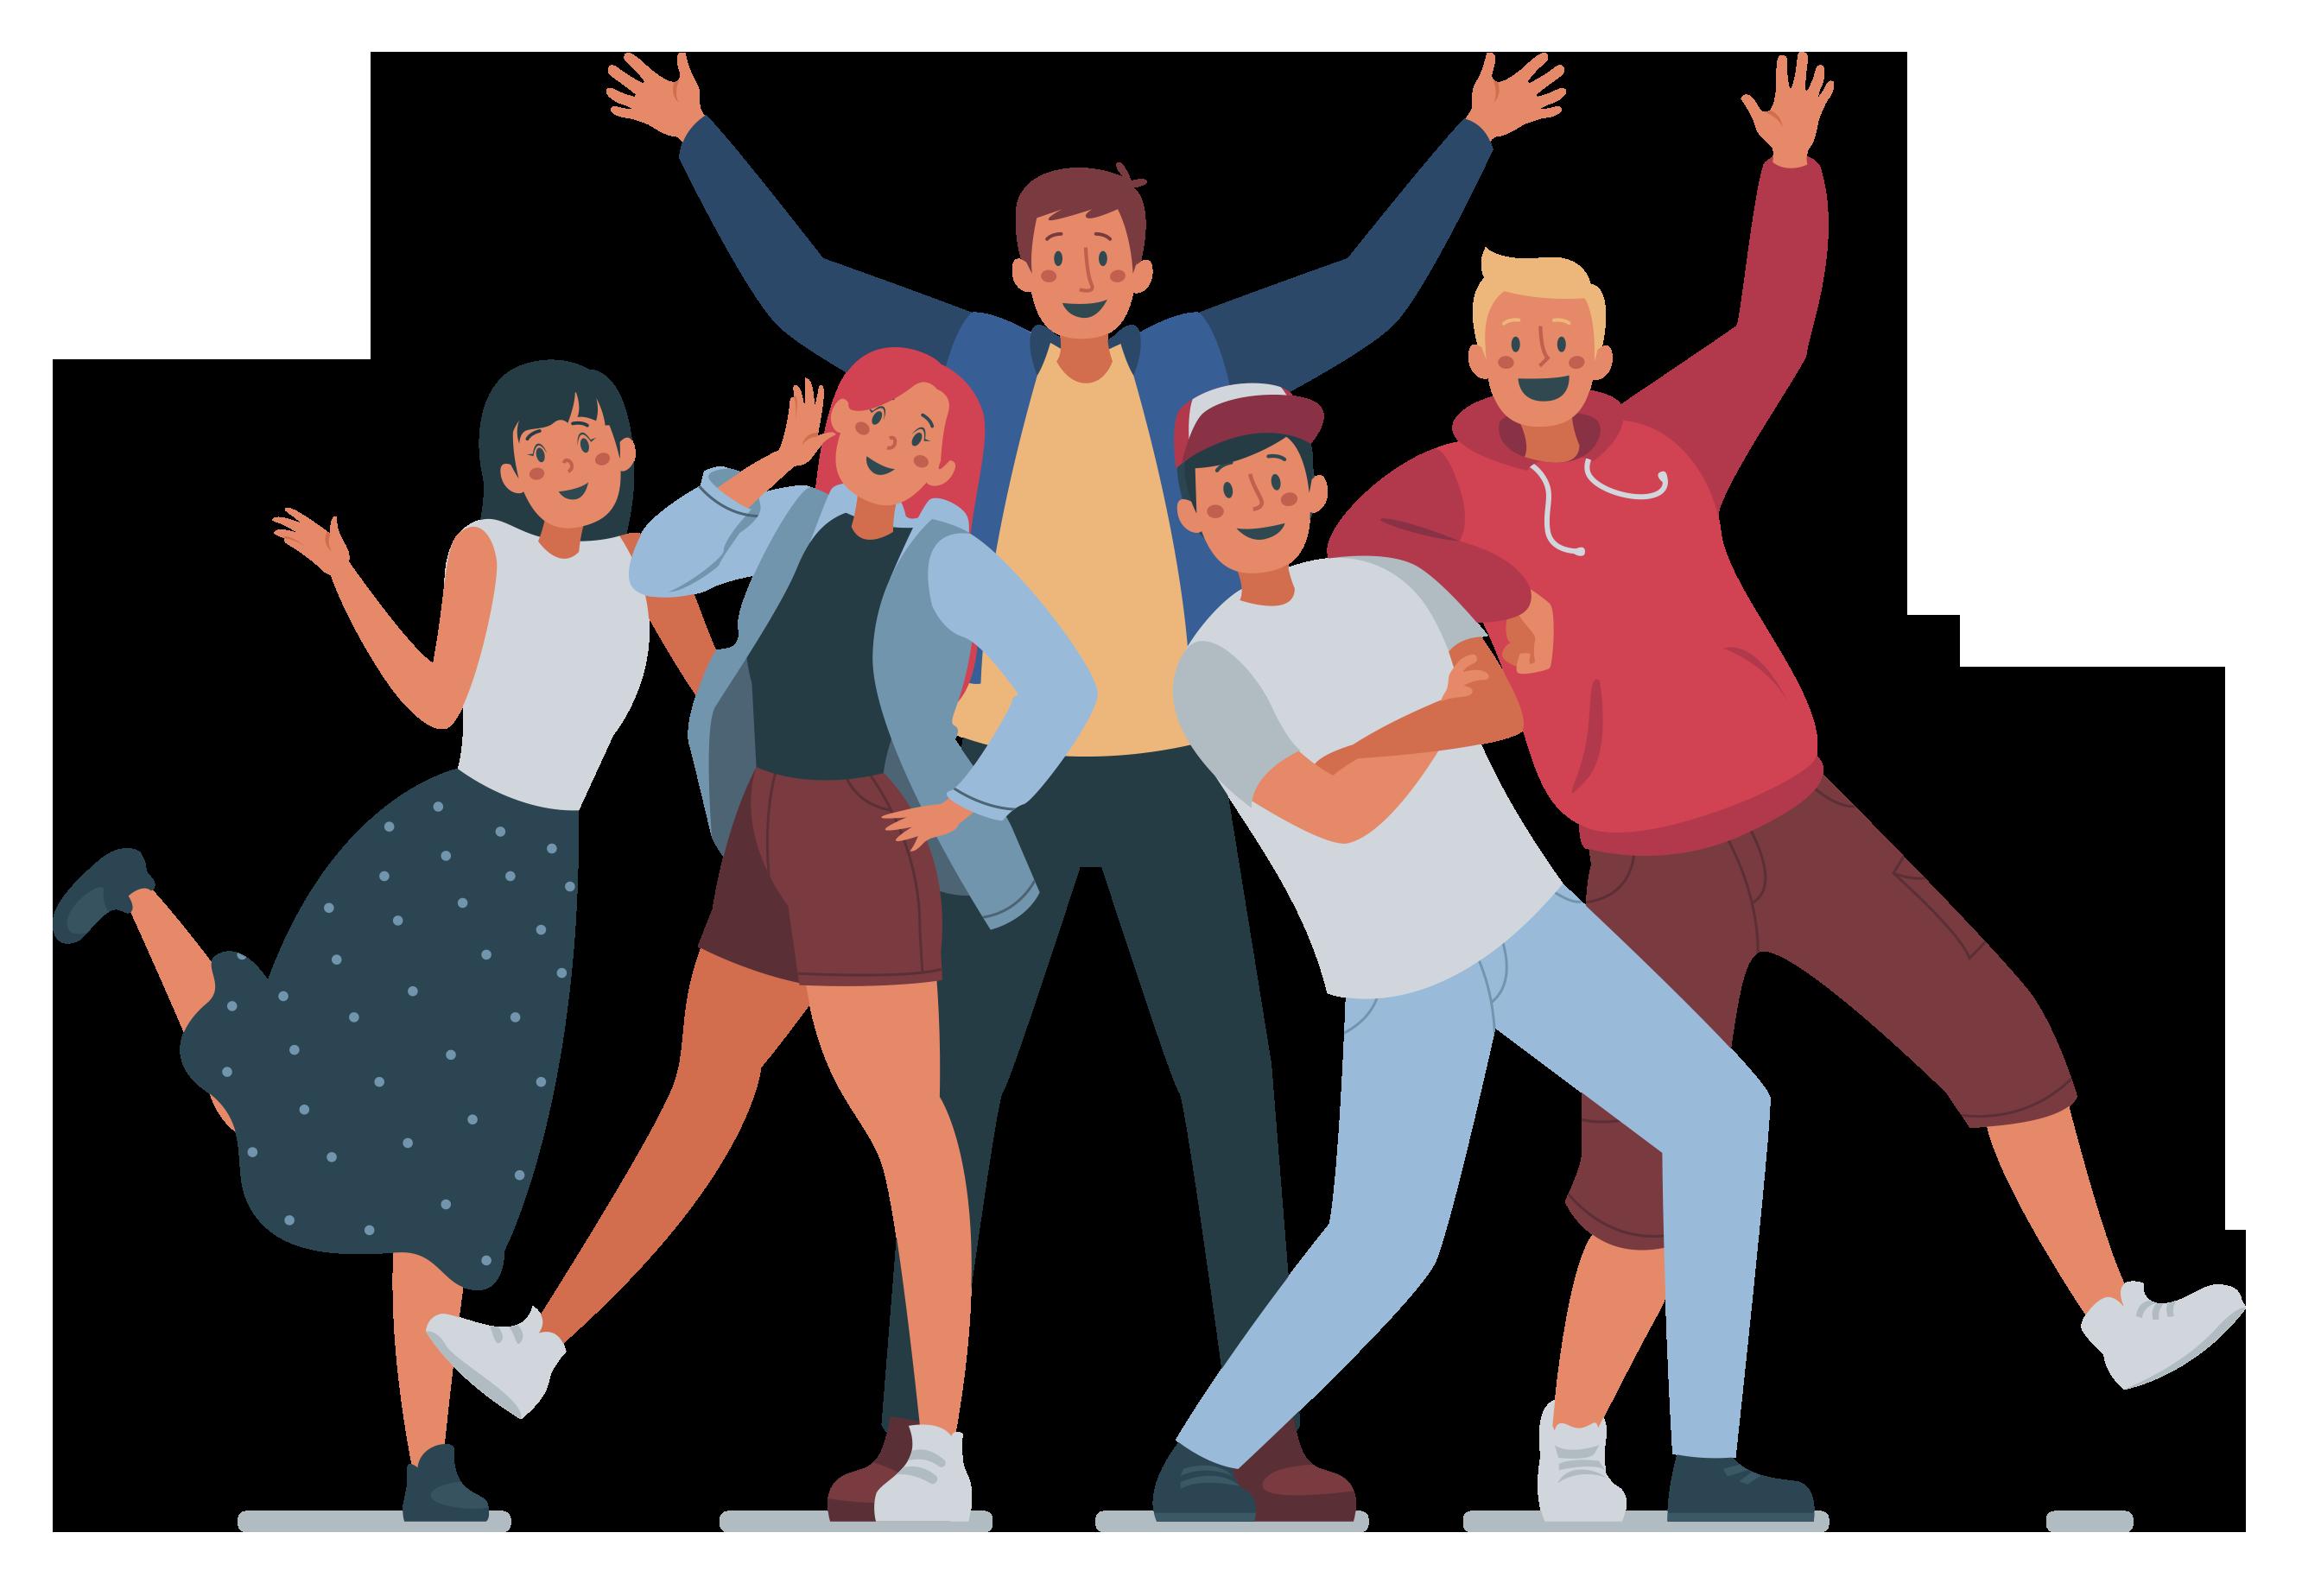 Grupo de amigos - Ilustração